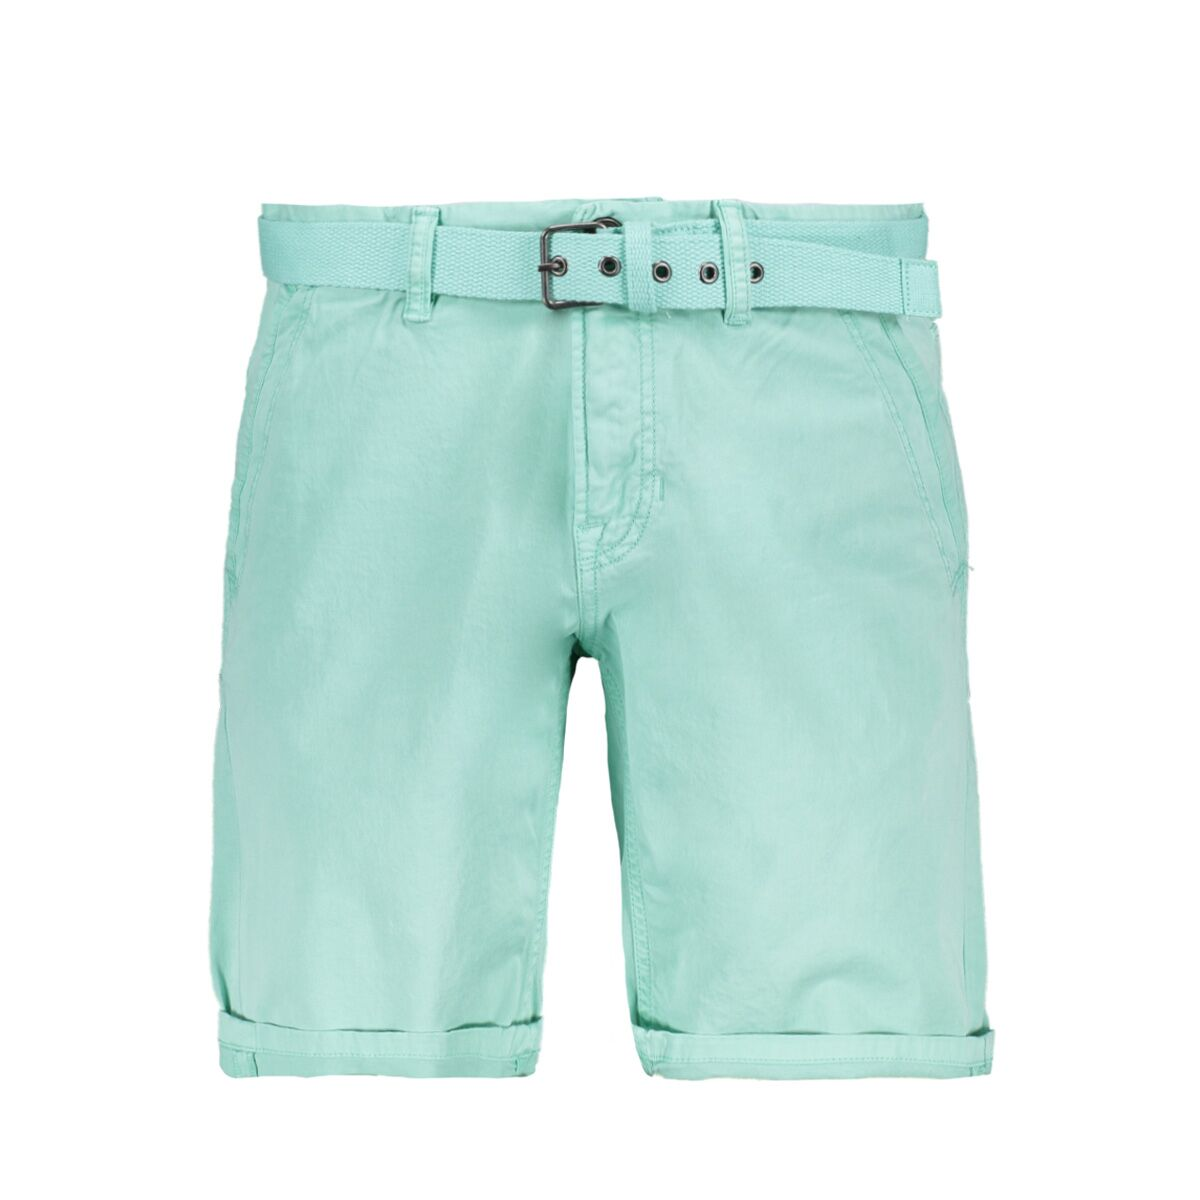 comfort twill chino shorts psh194652 pme legend korte broek 6097